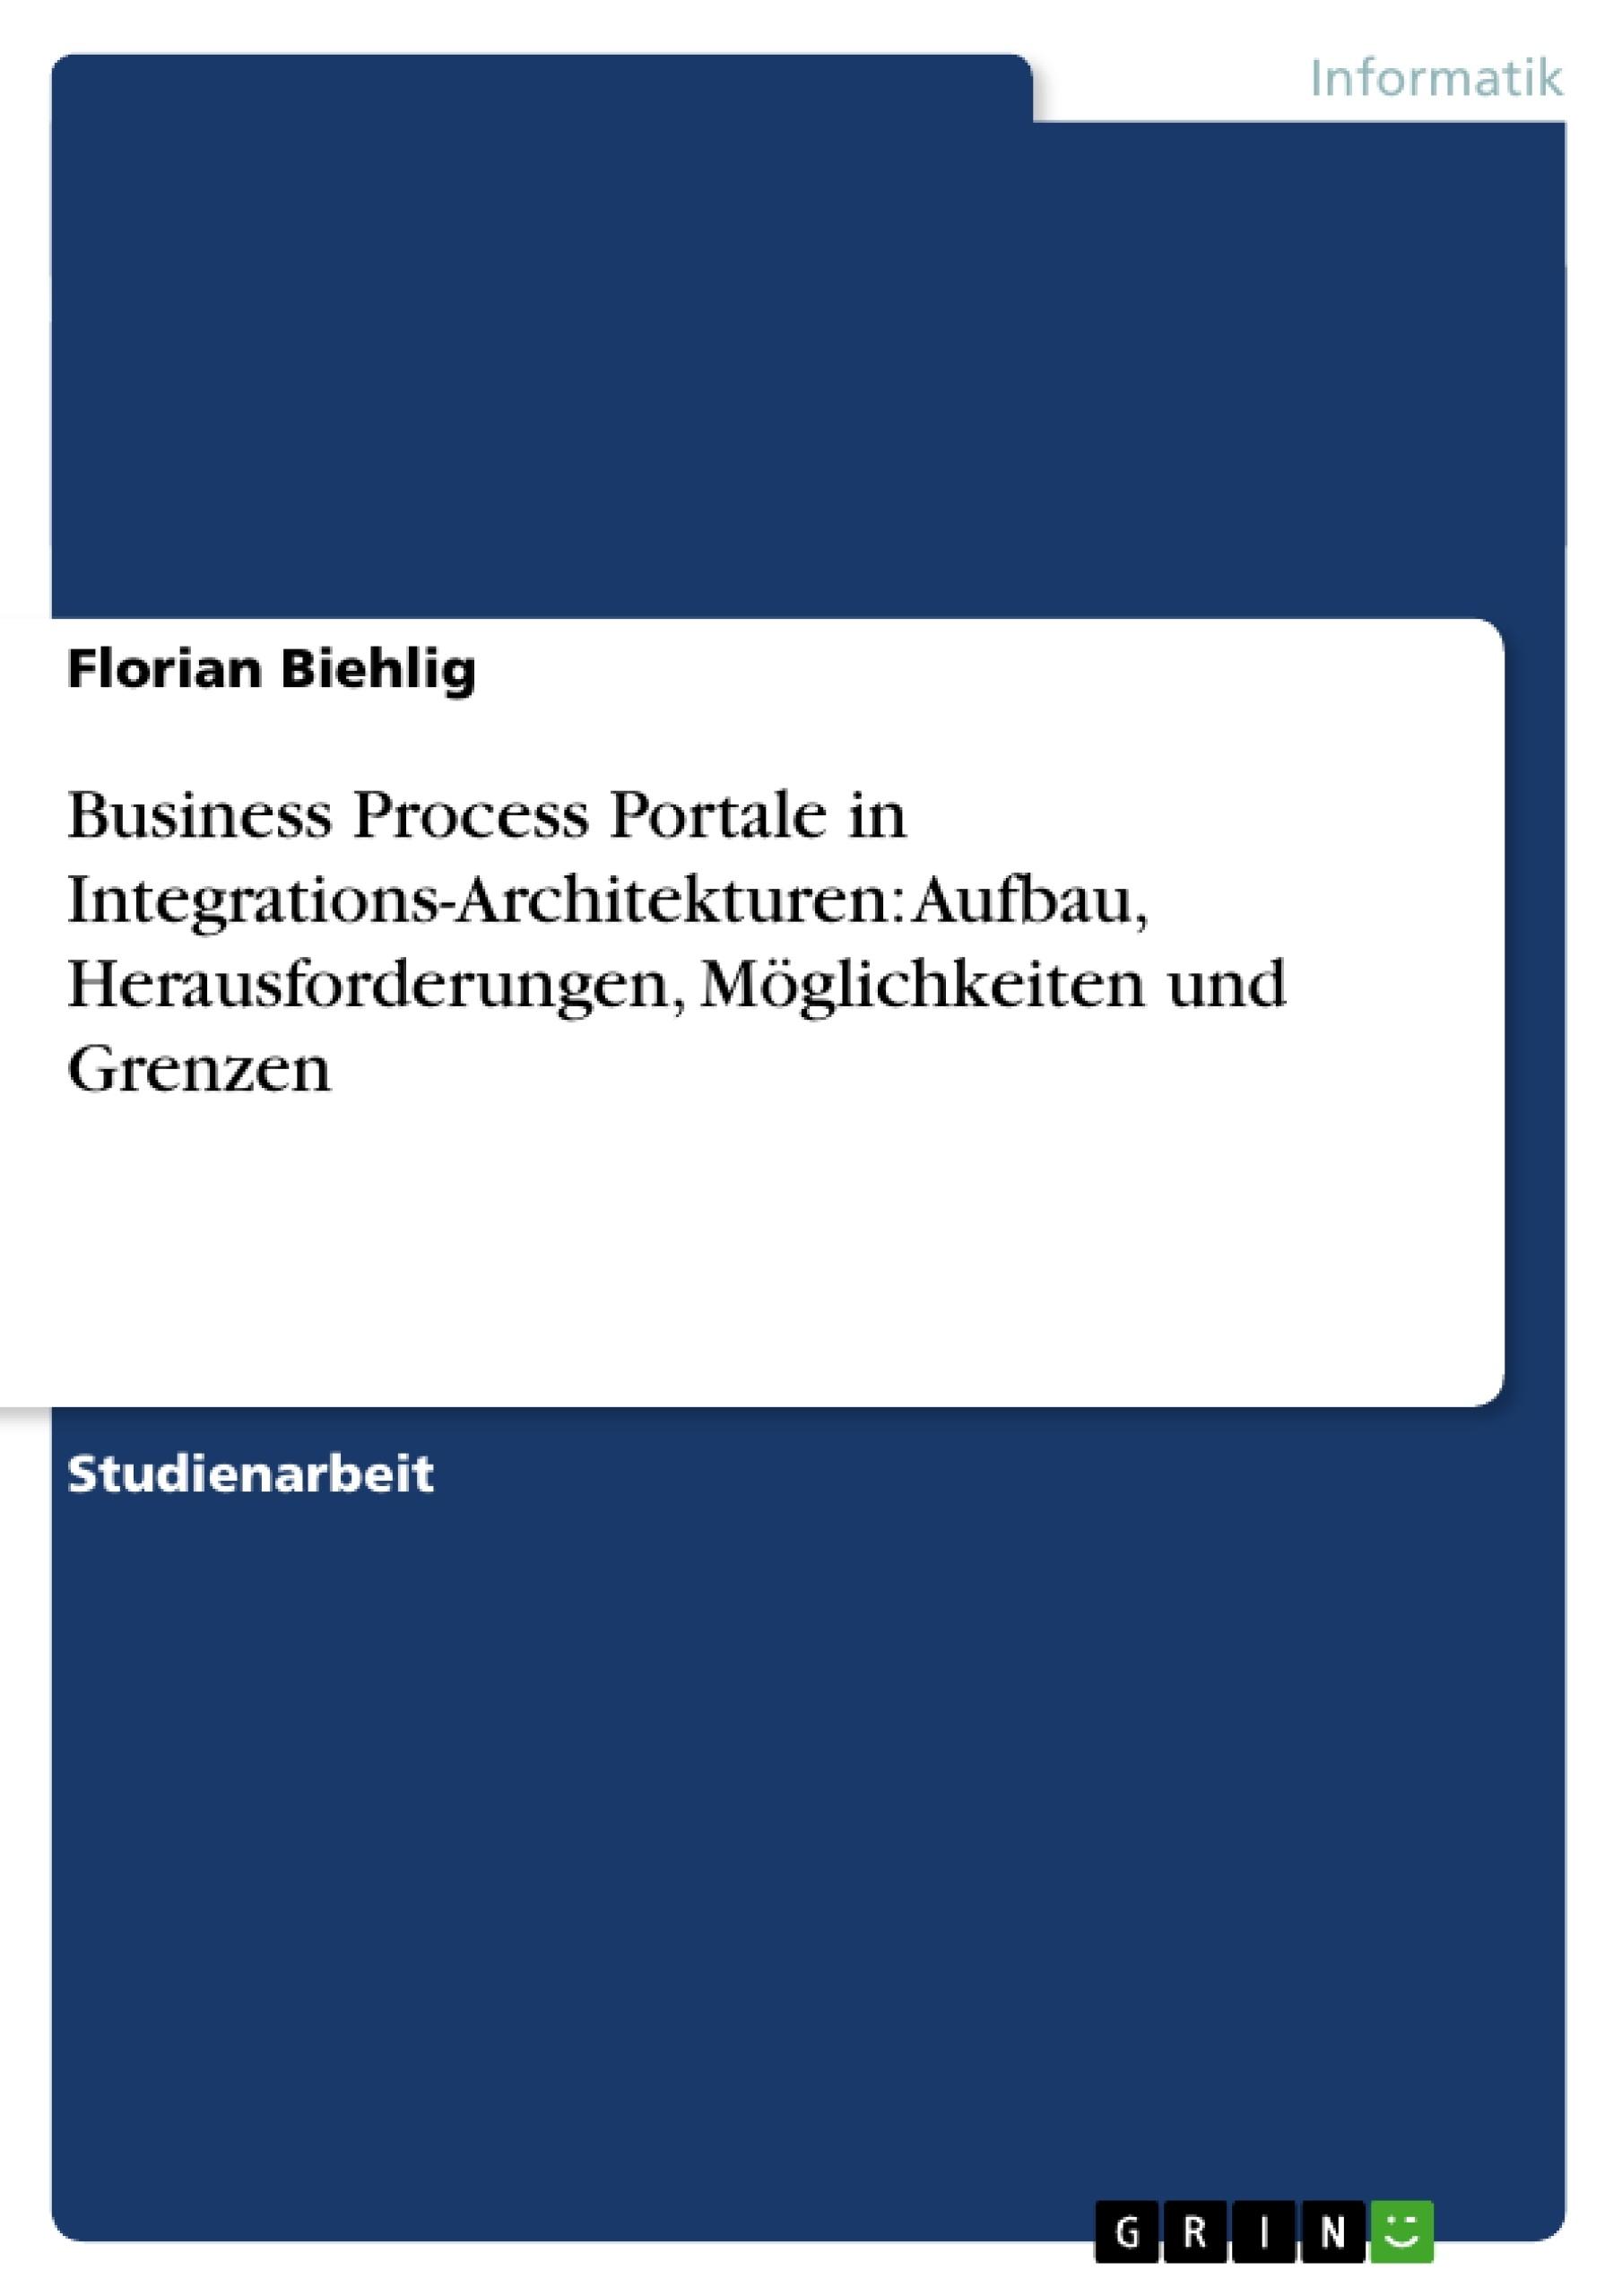 Titel: Business Process Portale in Integrations-Architekturen: Aufbau, Herausforderungen, Möglichkeiten und Grenzen